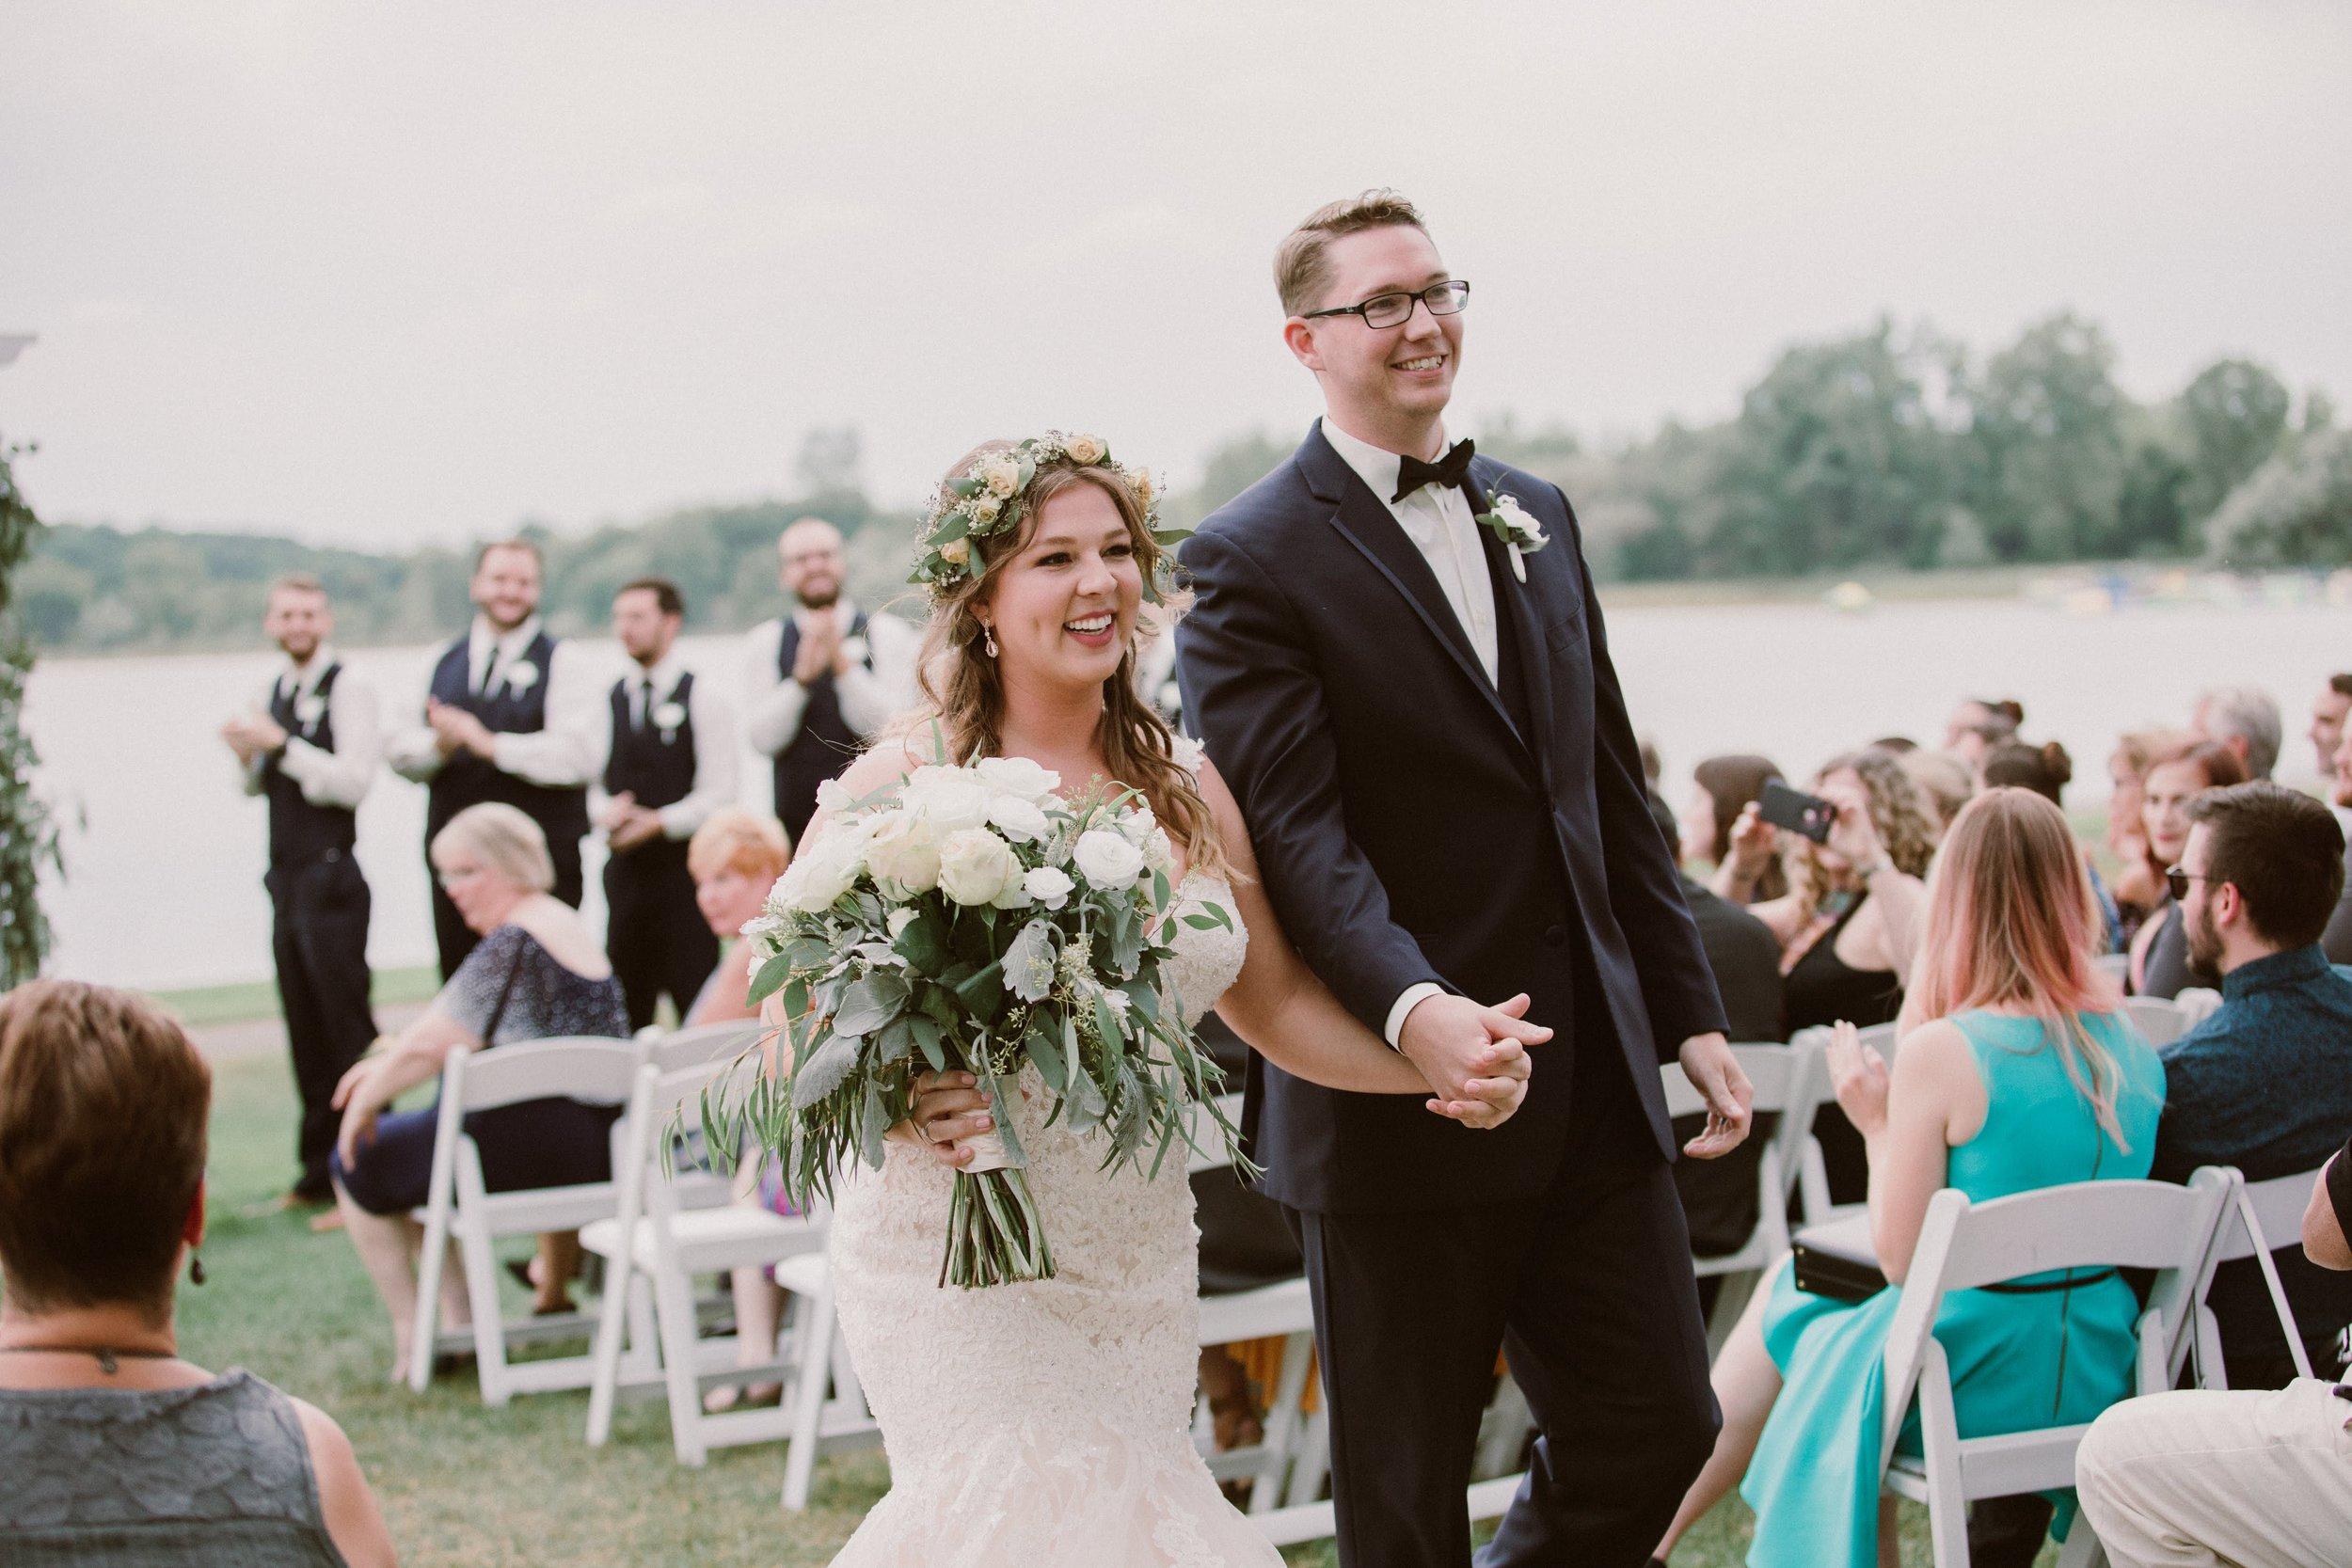 The newlyweds- Marah & Joel!